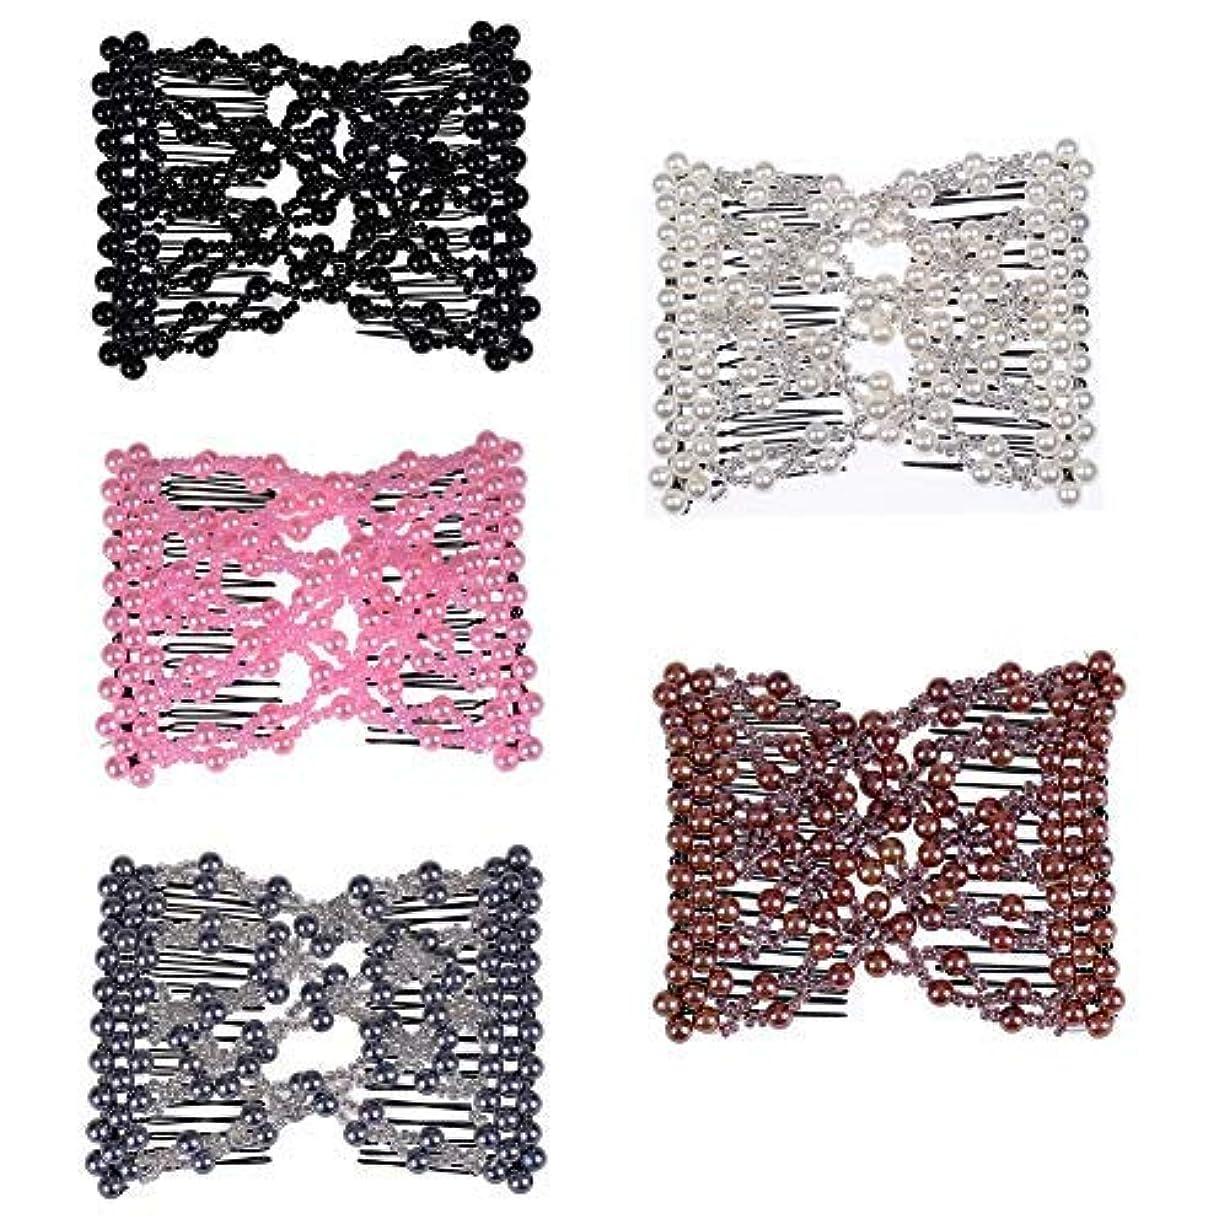 アクティビティヘルメット許さないCasualfashion 5Pcs Ez Stretch Beaded Hair Combs Double Magic Slide Metal Comb Clip Hairpins for Women Hair Styling...